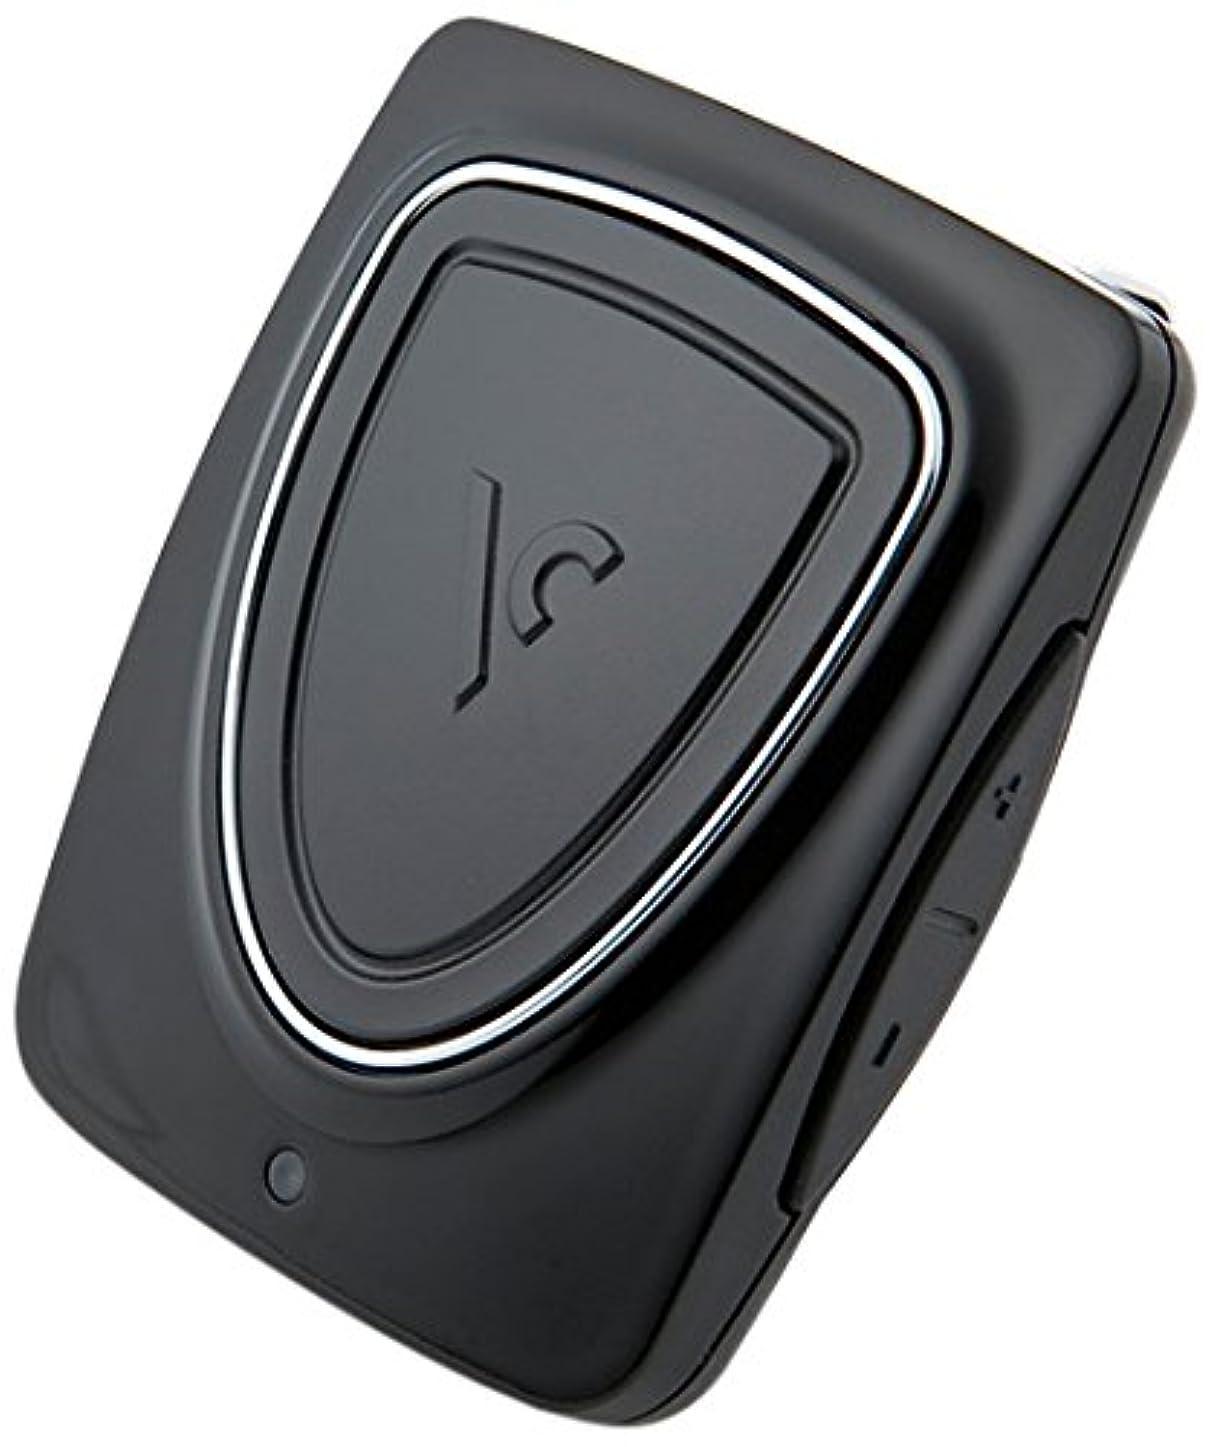 取り組むおいしいブラウスVoice Caddie VC200 ゴルフ GPS/Range Finder, Black 【並行輸入品】